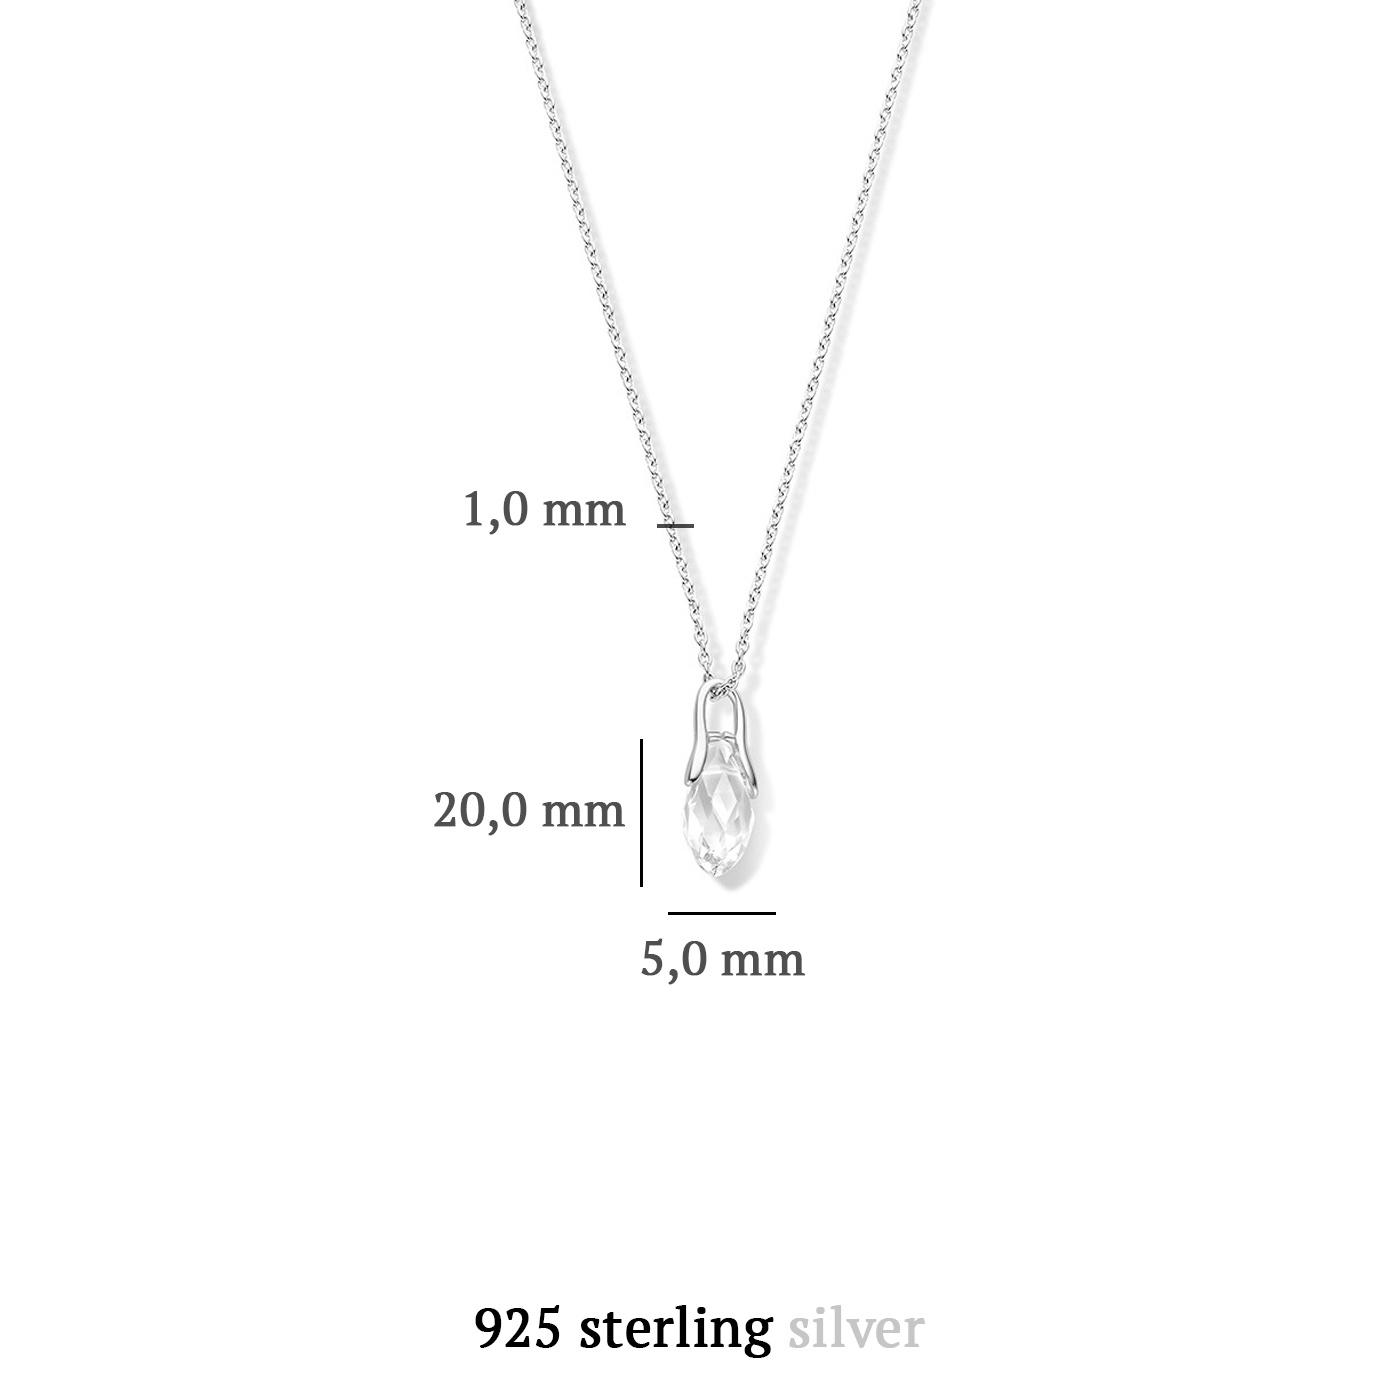 Parte di Me La Sirena Ombrone 925 sterling silver necklace with glass